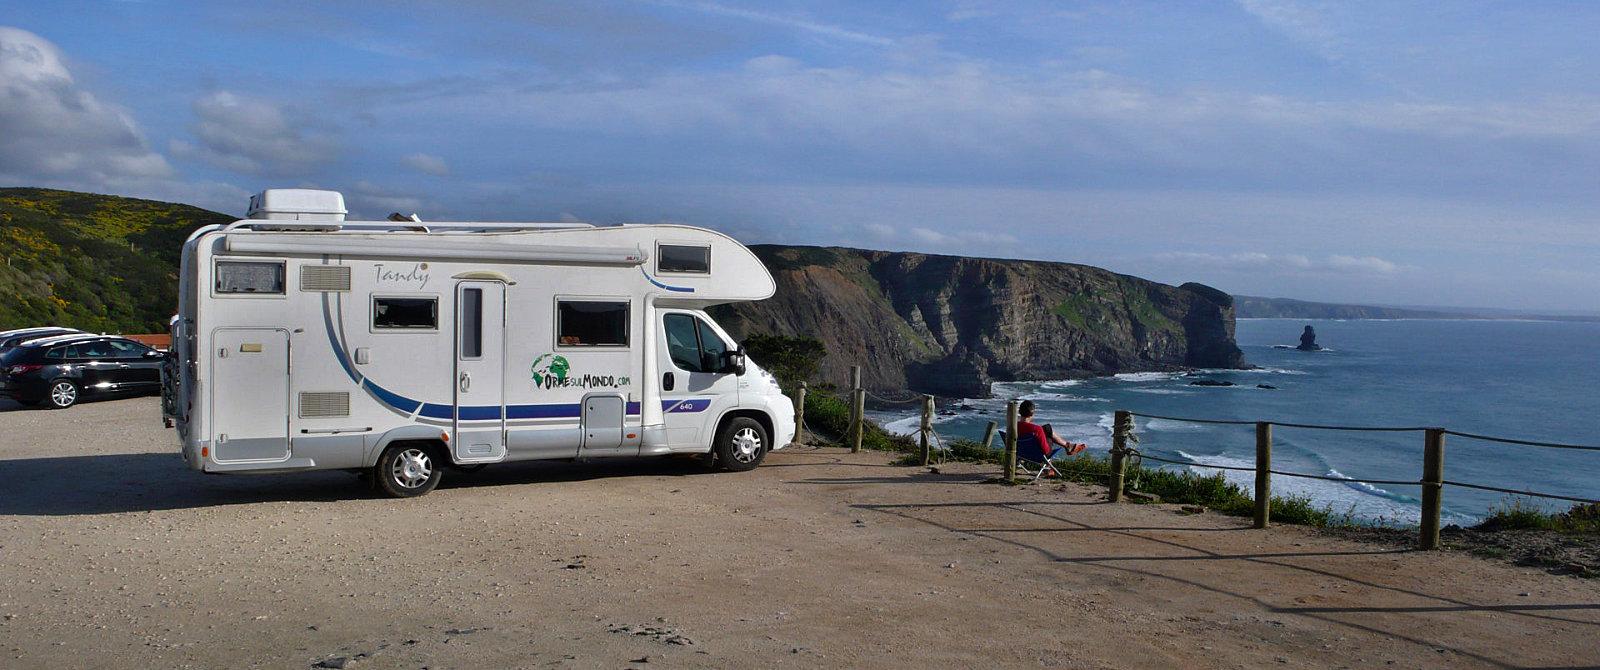 Sosta libera in camper sulla spiaggia di Arrifana in Portogallo